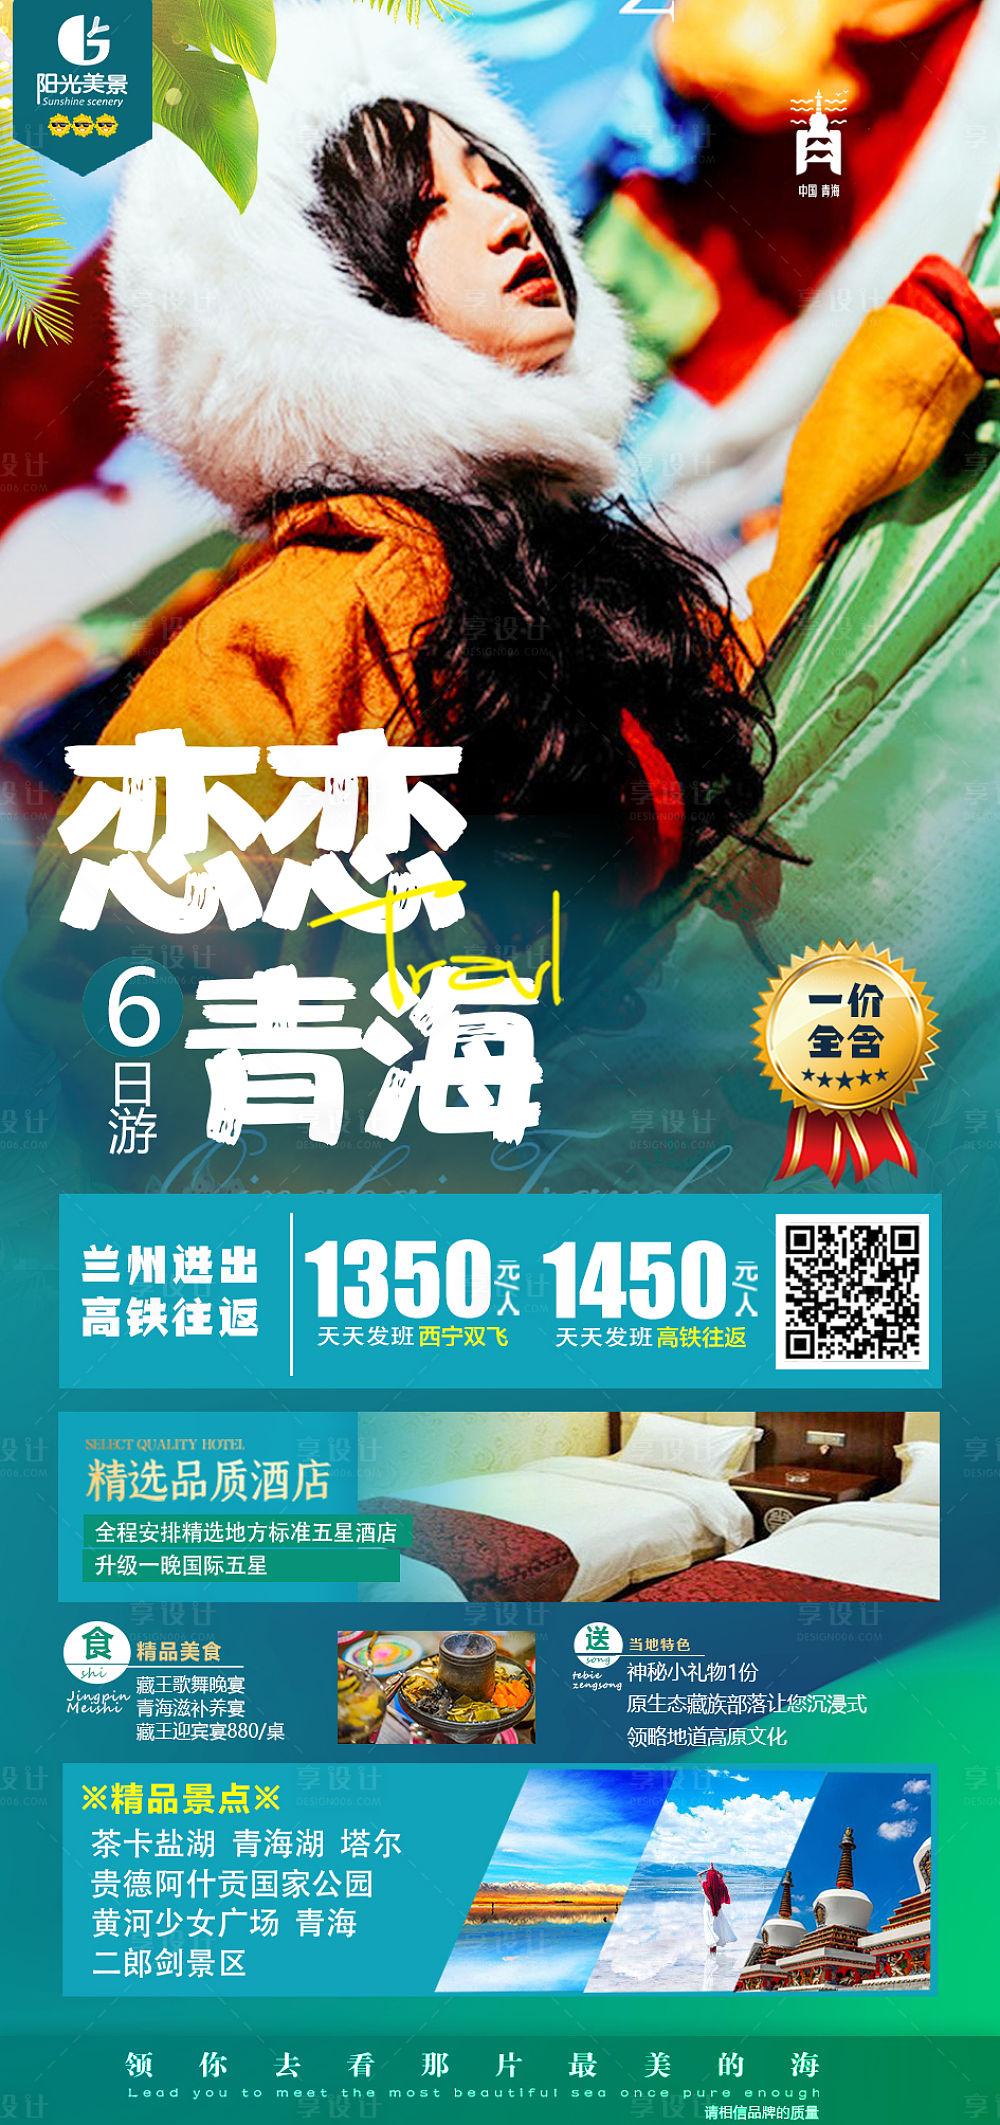 【源文件下载】 海报 旅游 青海 盐湖 青海湖 塔尔 魅力 人物 模特设计作品 设计图集